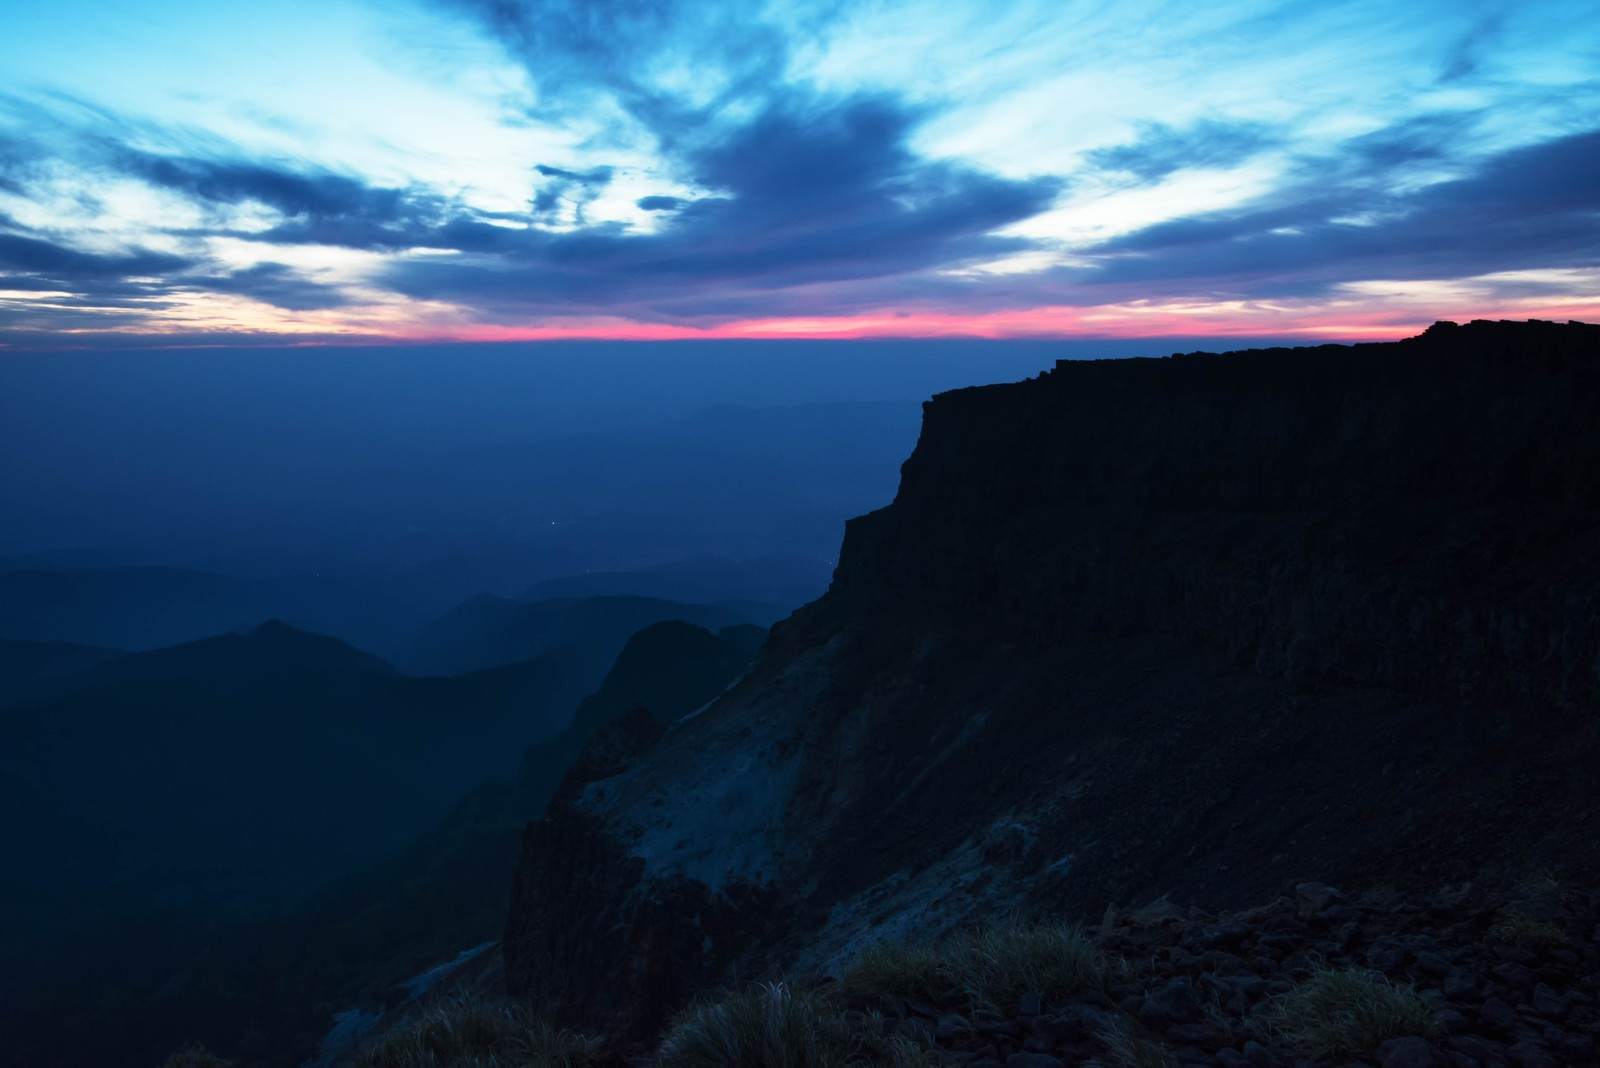 「静寂に包まれた夜明け前の硫黄岳」